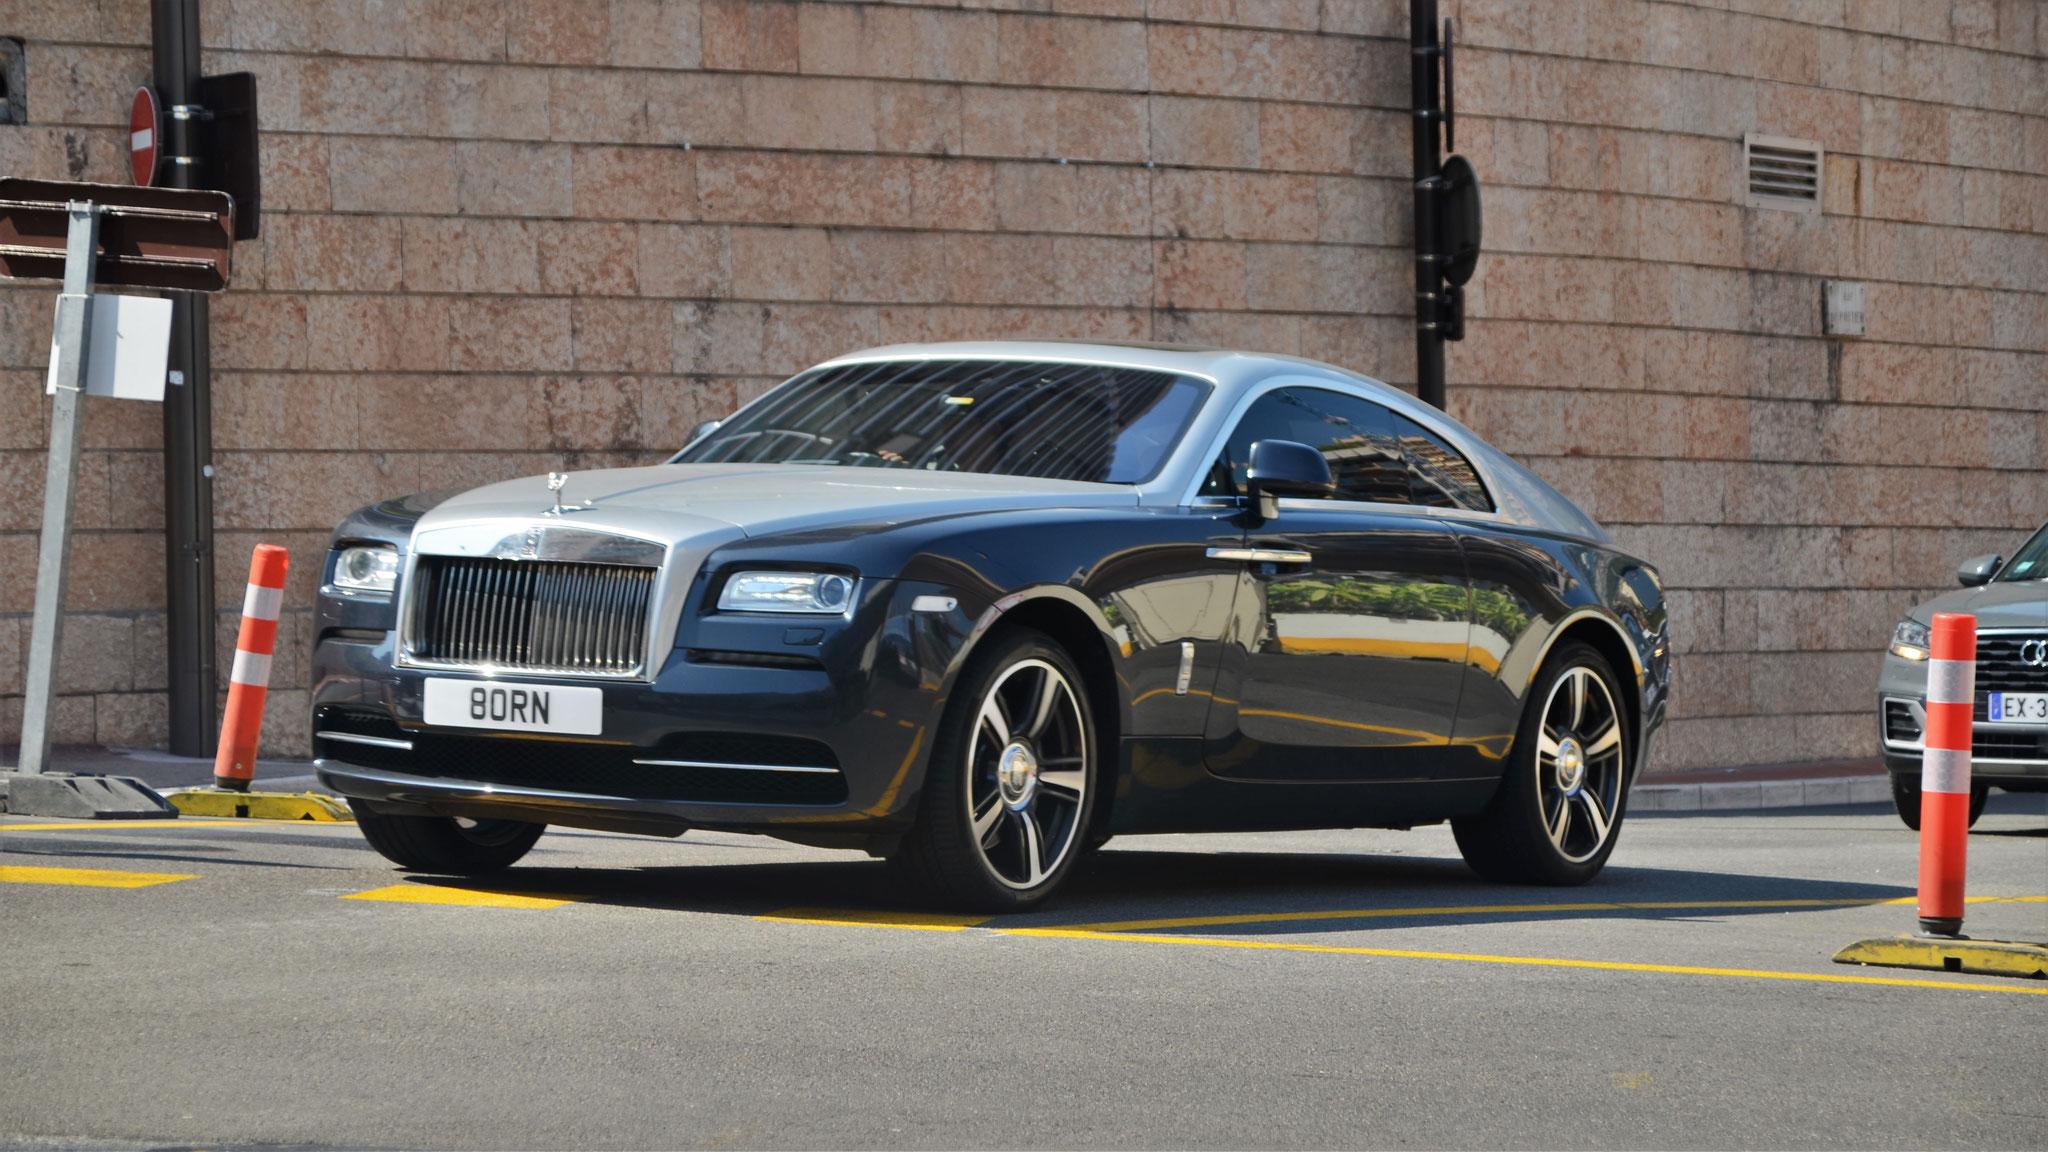 Rolls Royce Wraith - 80RN (GB)